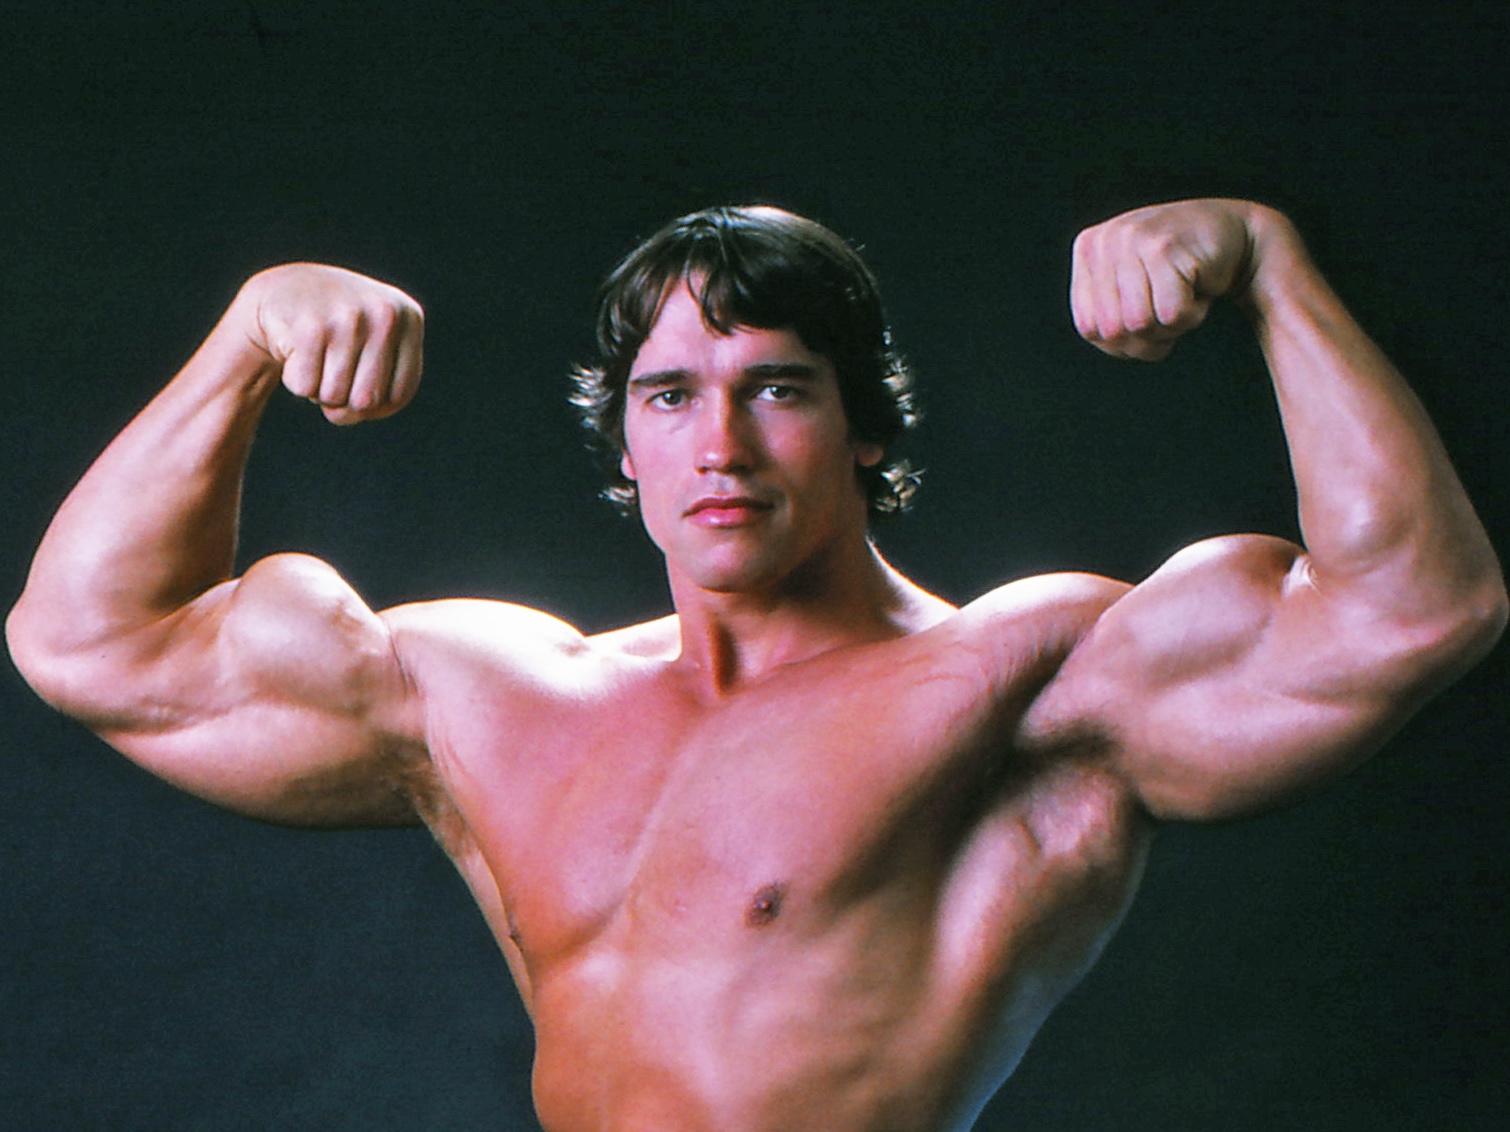 Schwarzenegger_Arnold_10_06_76_436-7_0006.jpg